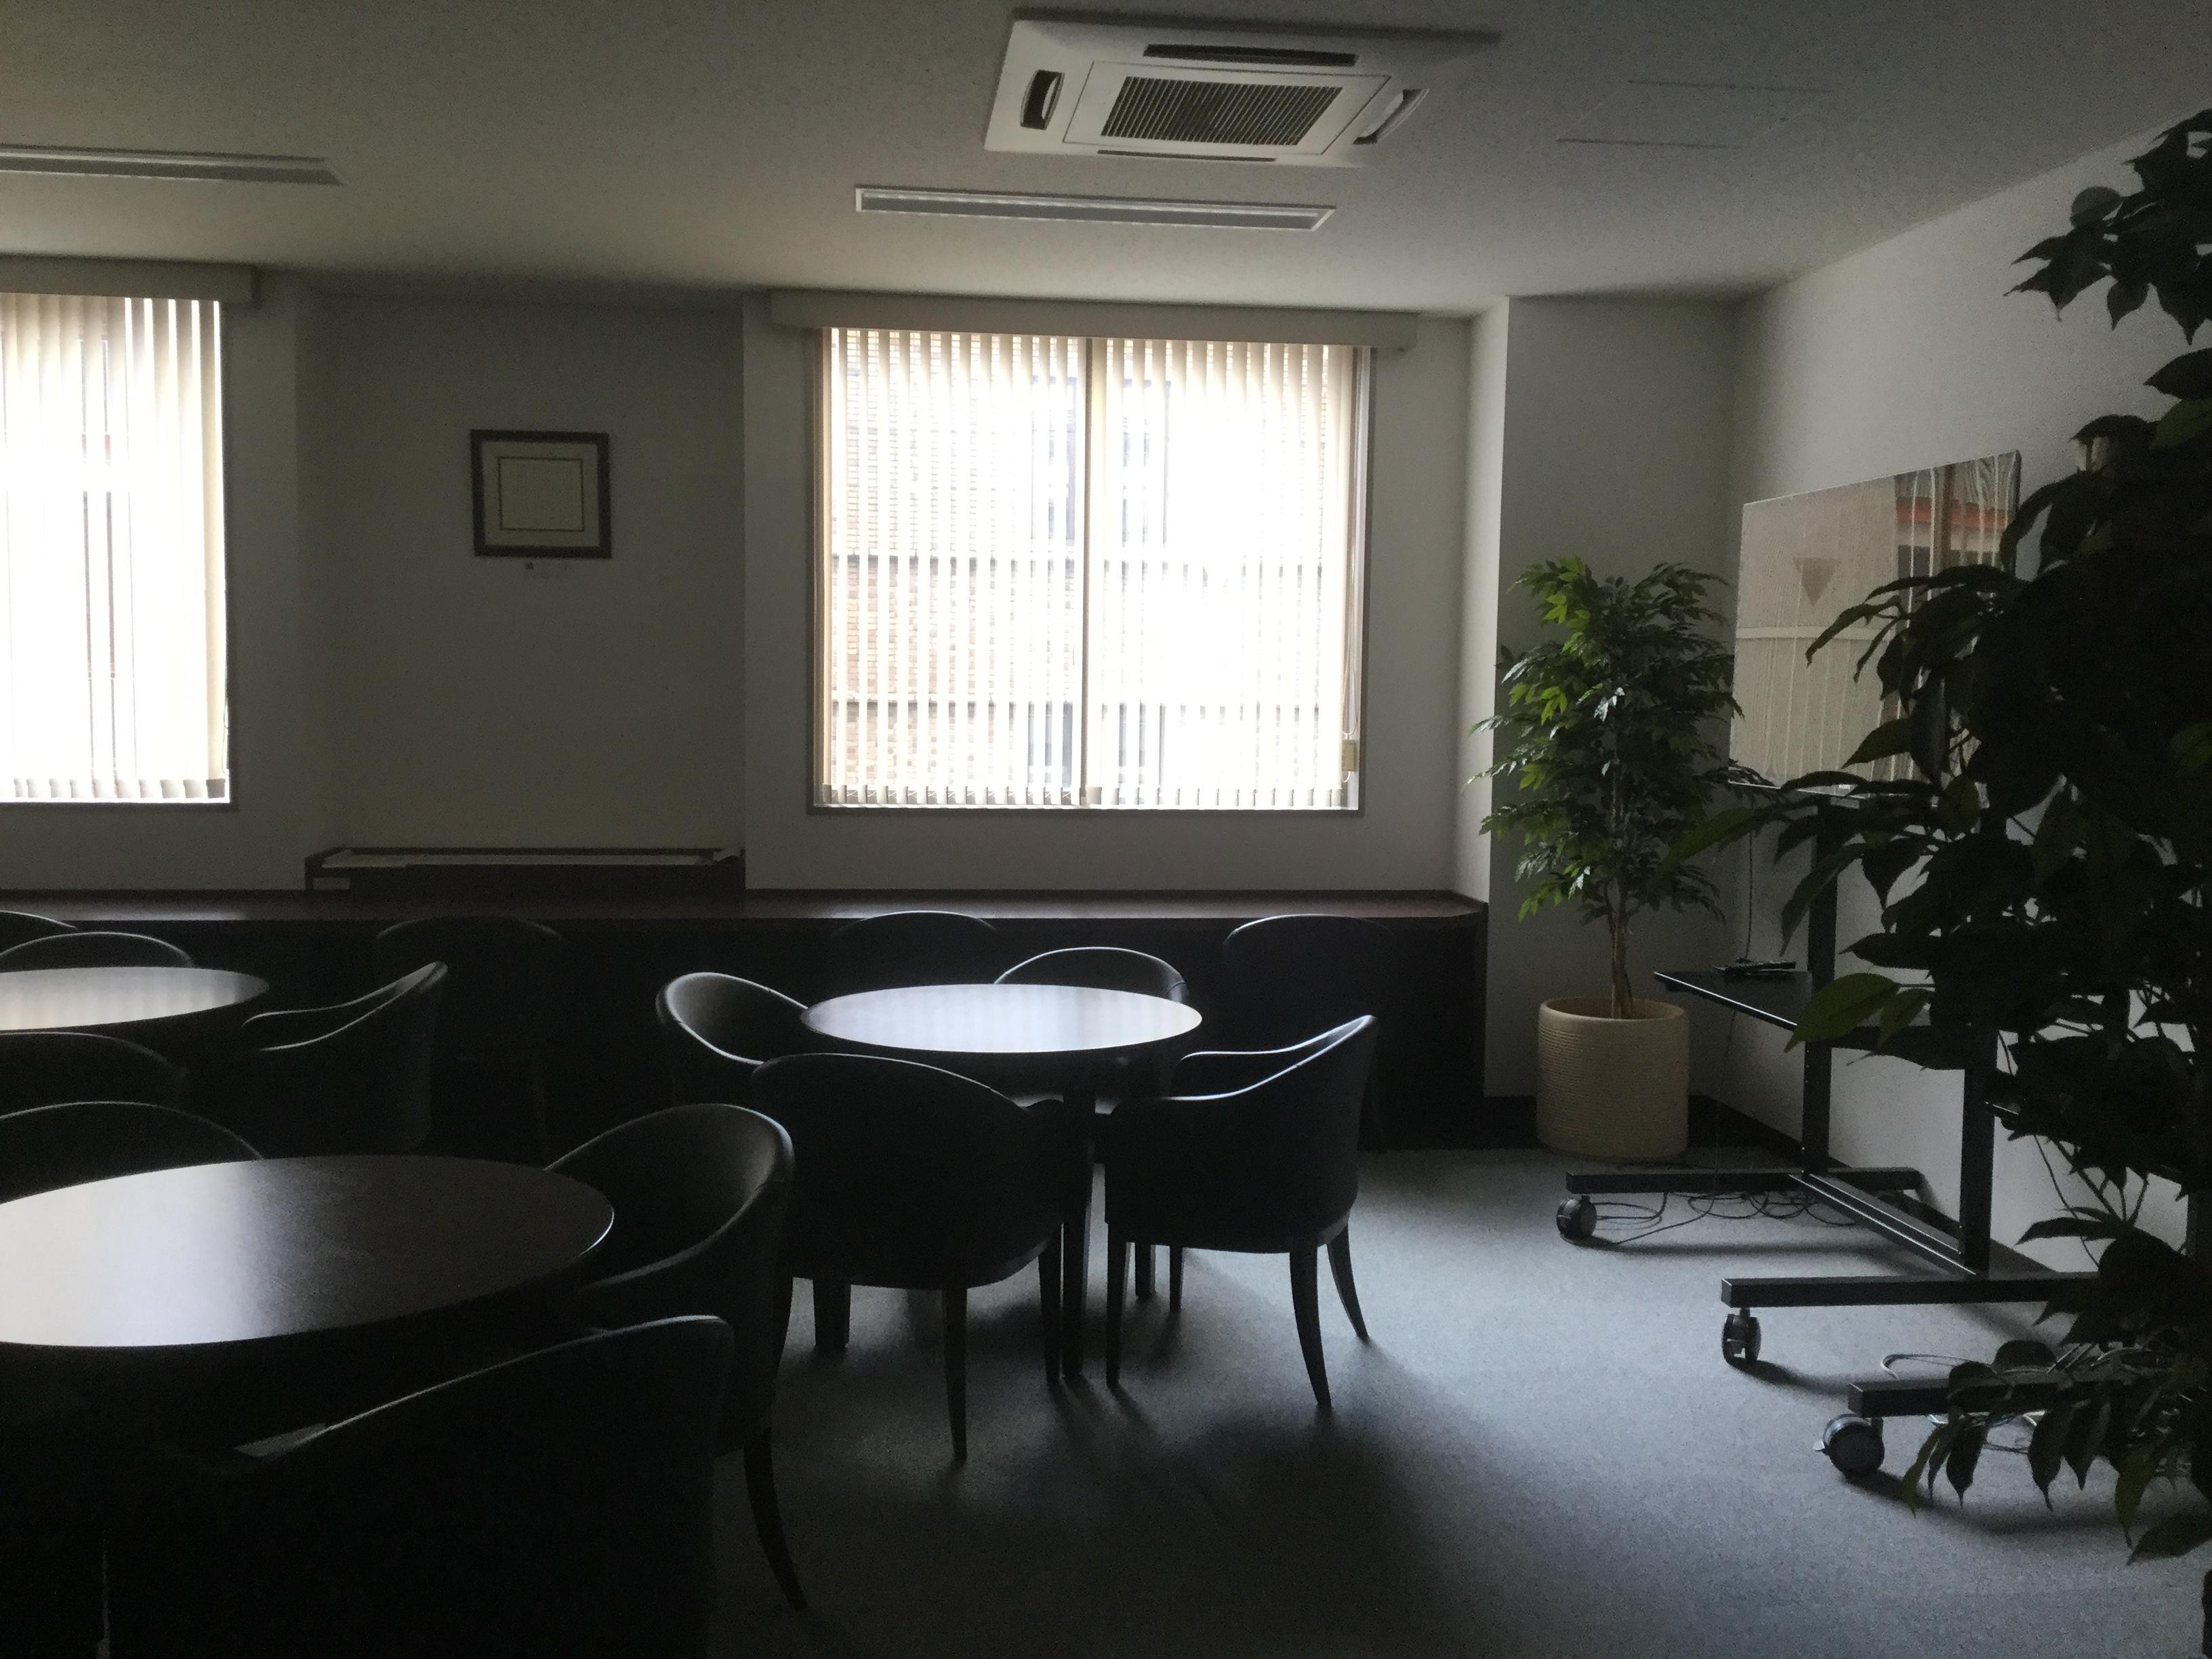 薄暗い会議室の写真です。